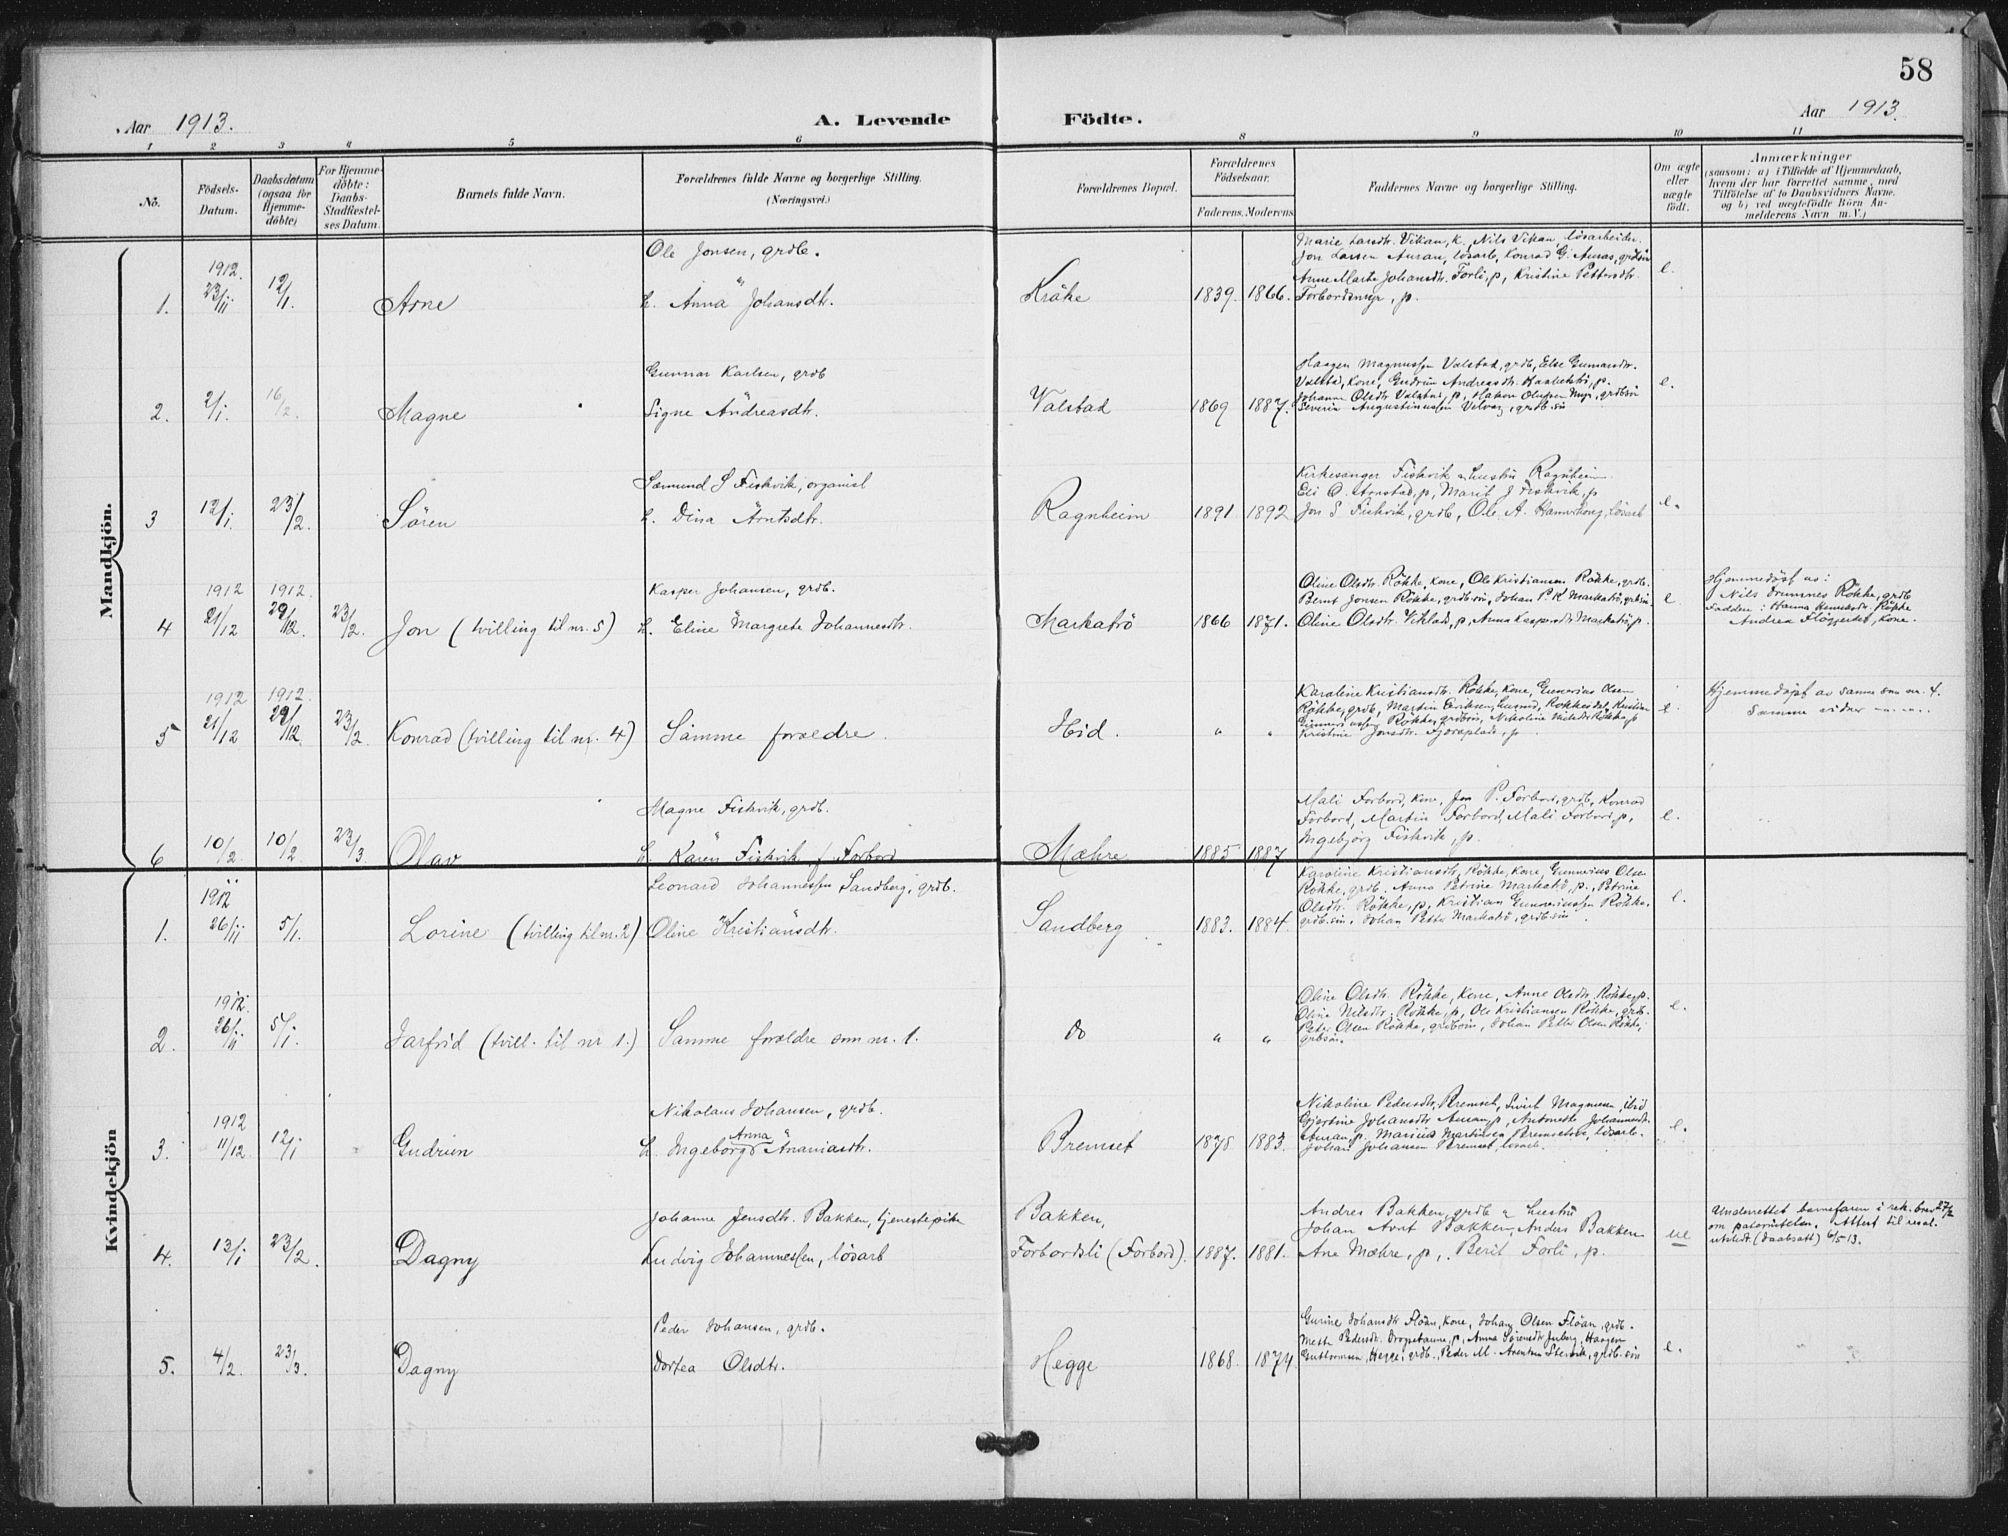 SAT, Ministerialprotokoller, klokkerbøker og fødselsregistre - Nord-Trøndelag, 712/L0101: Ministerialbok nr. 712A02, 1901-1916, s. 58